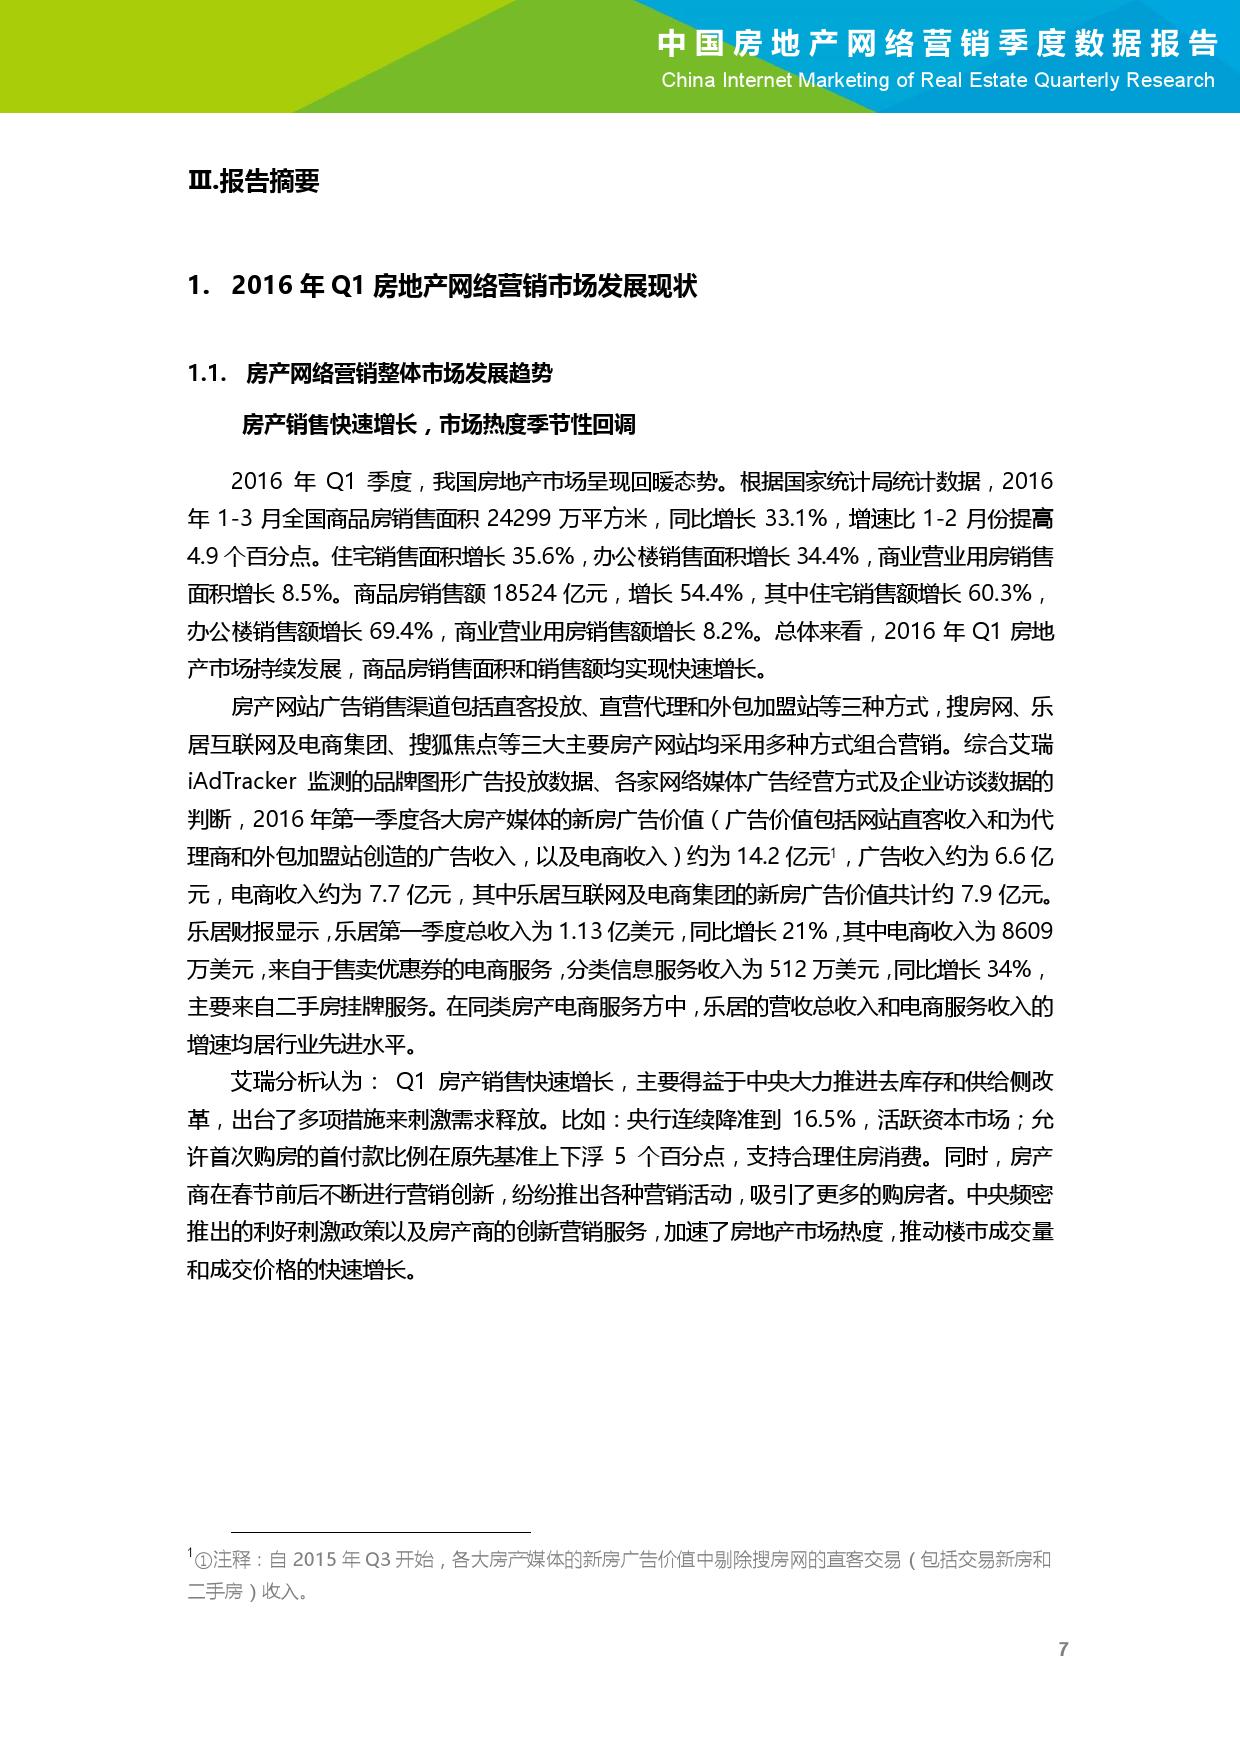 2016年Q1中国房地产网络营销季度数据报告_000008